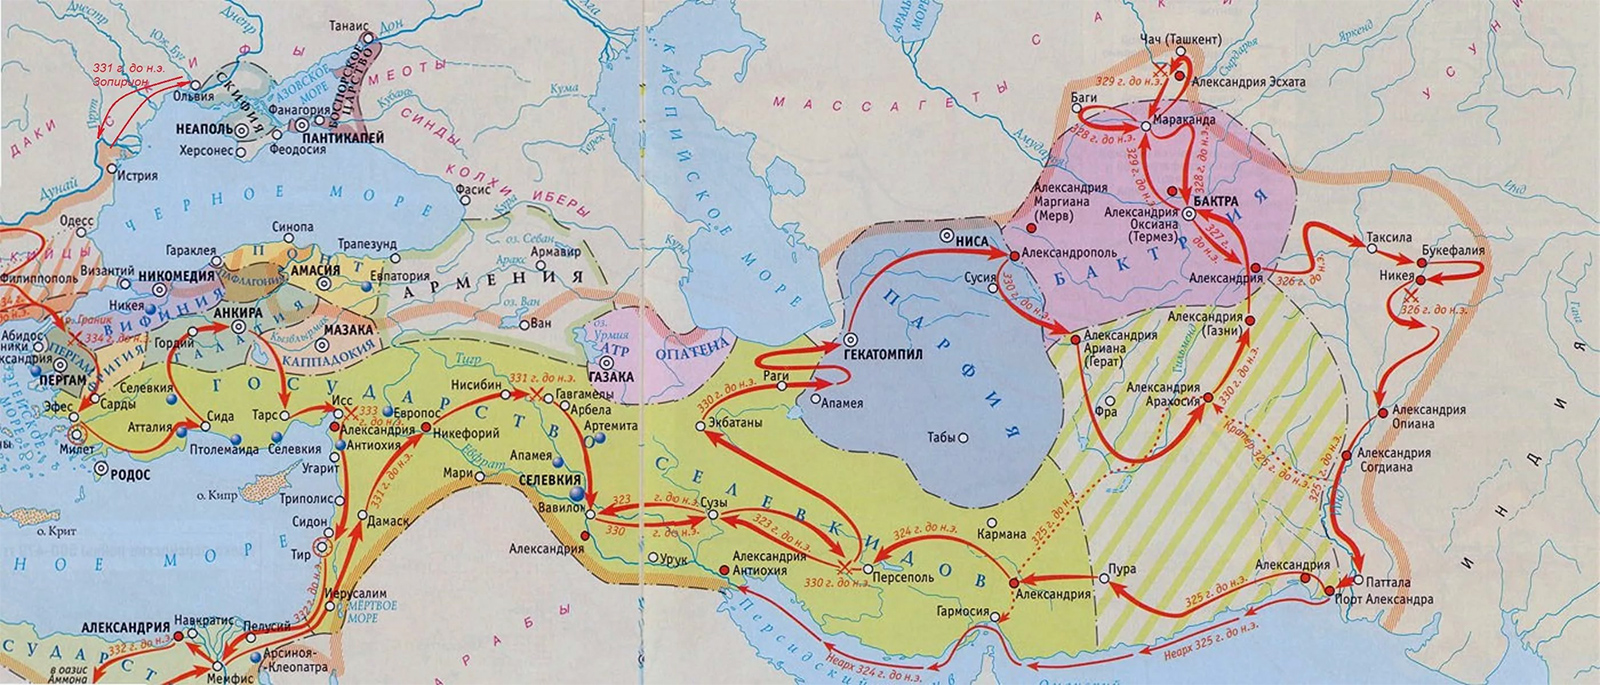 Карта индийского похода Александра Македонского.